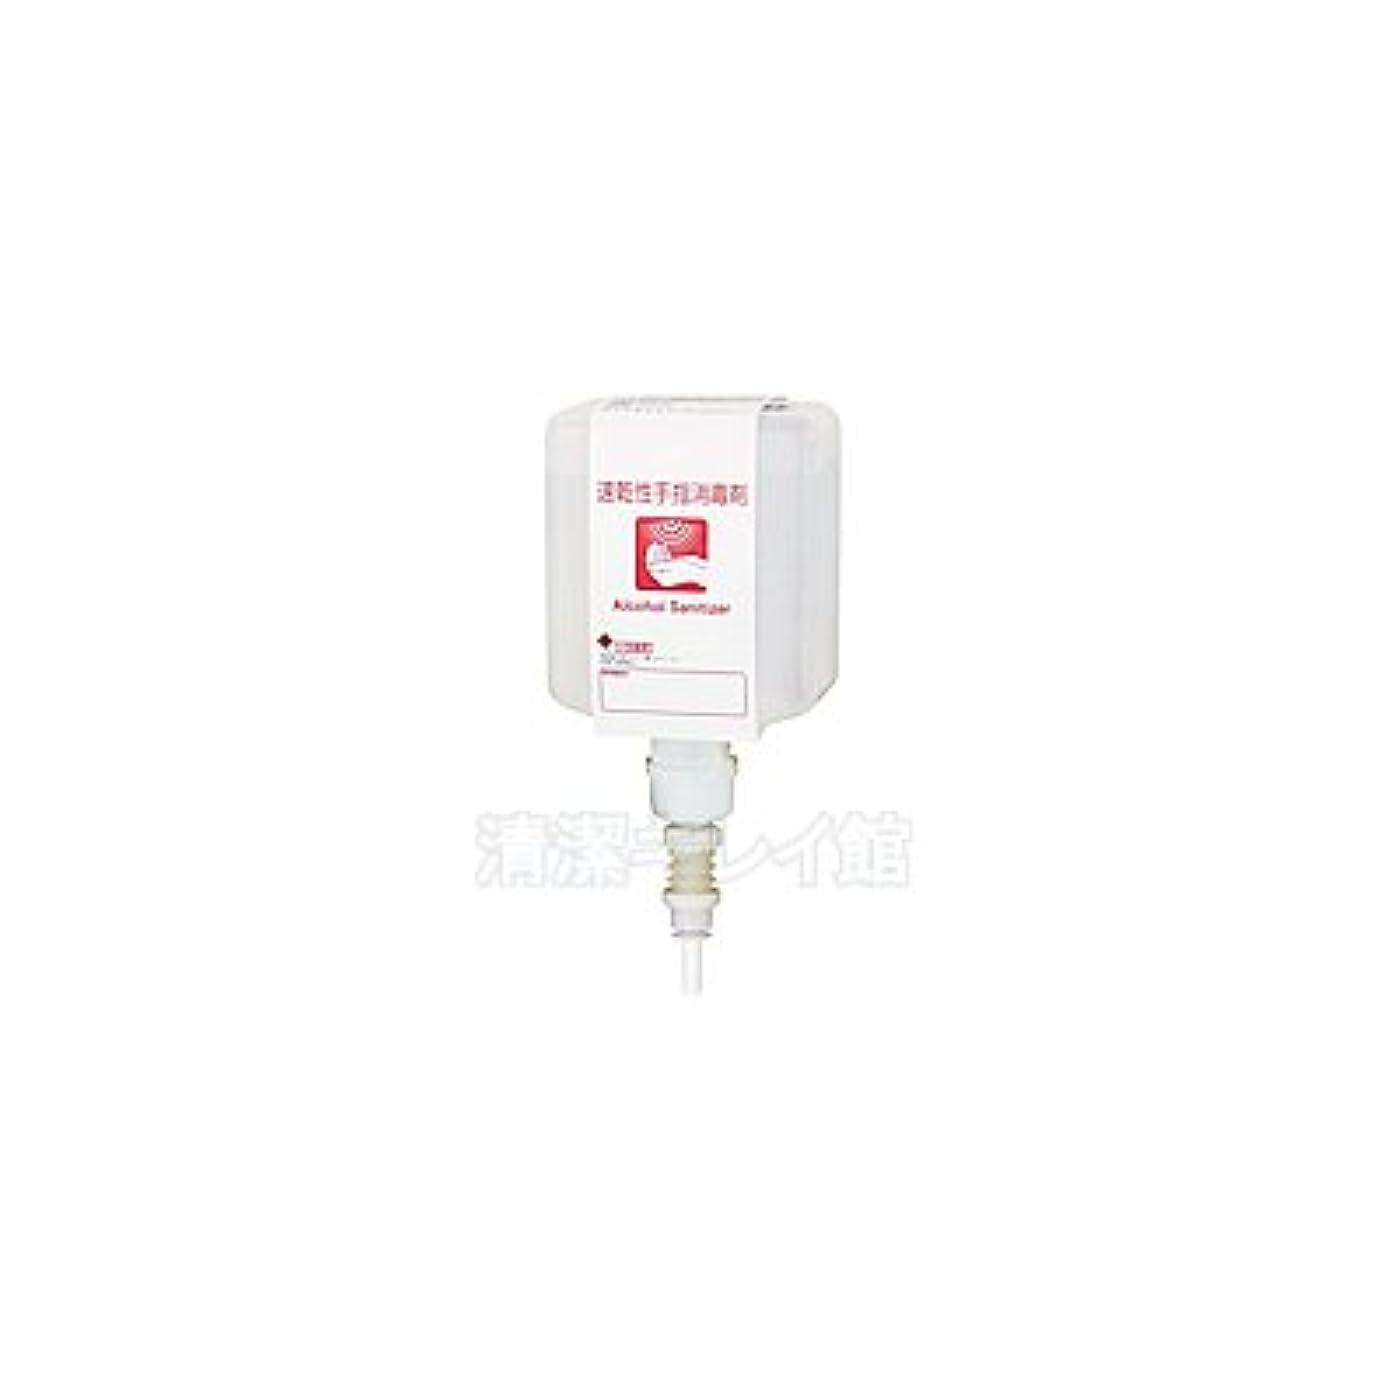 ハシー疲れた消毒剤サラヤ UD-3100/アルペット手指消毒用カートリッジ1000ml×1個